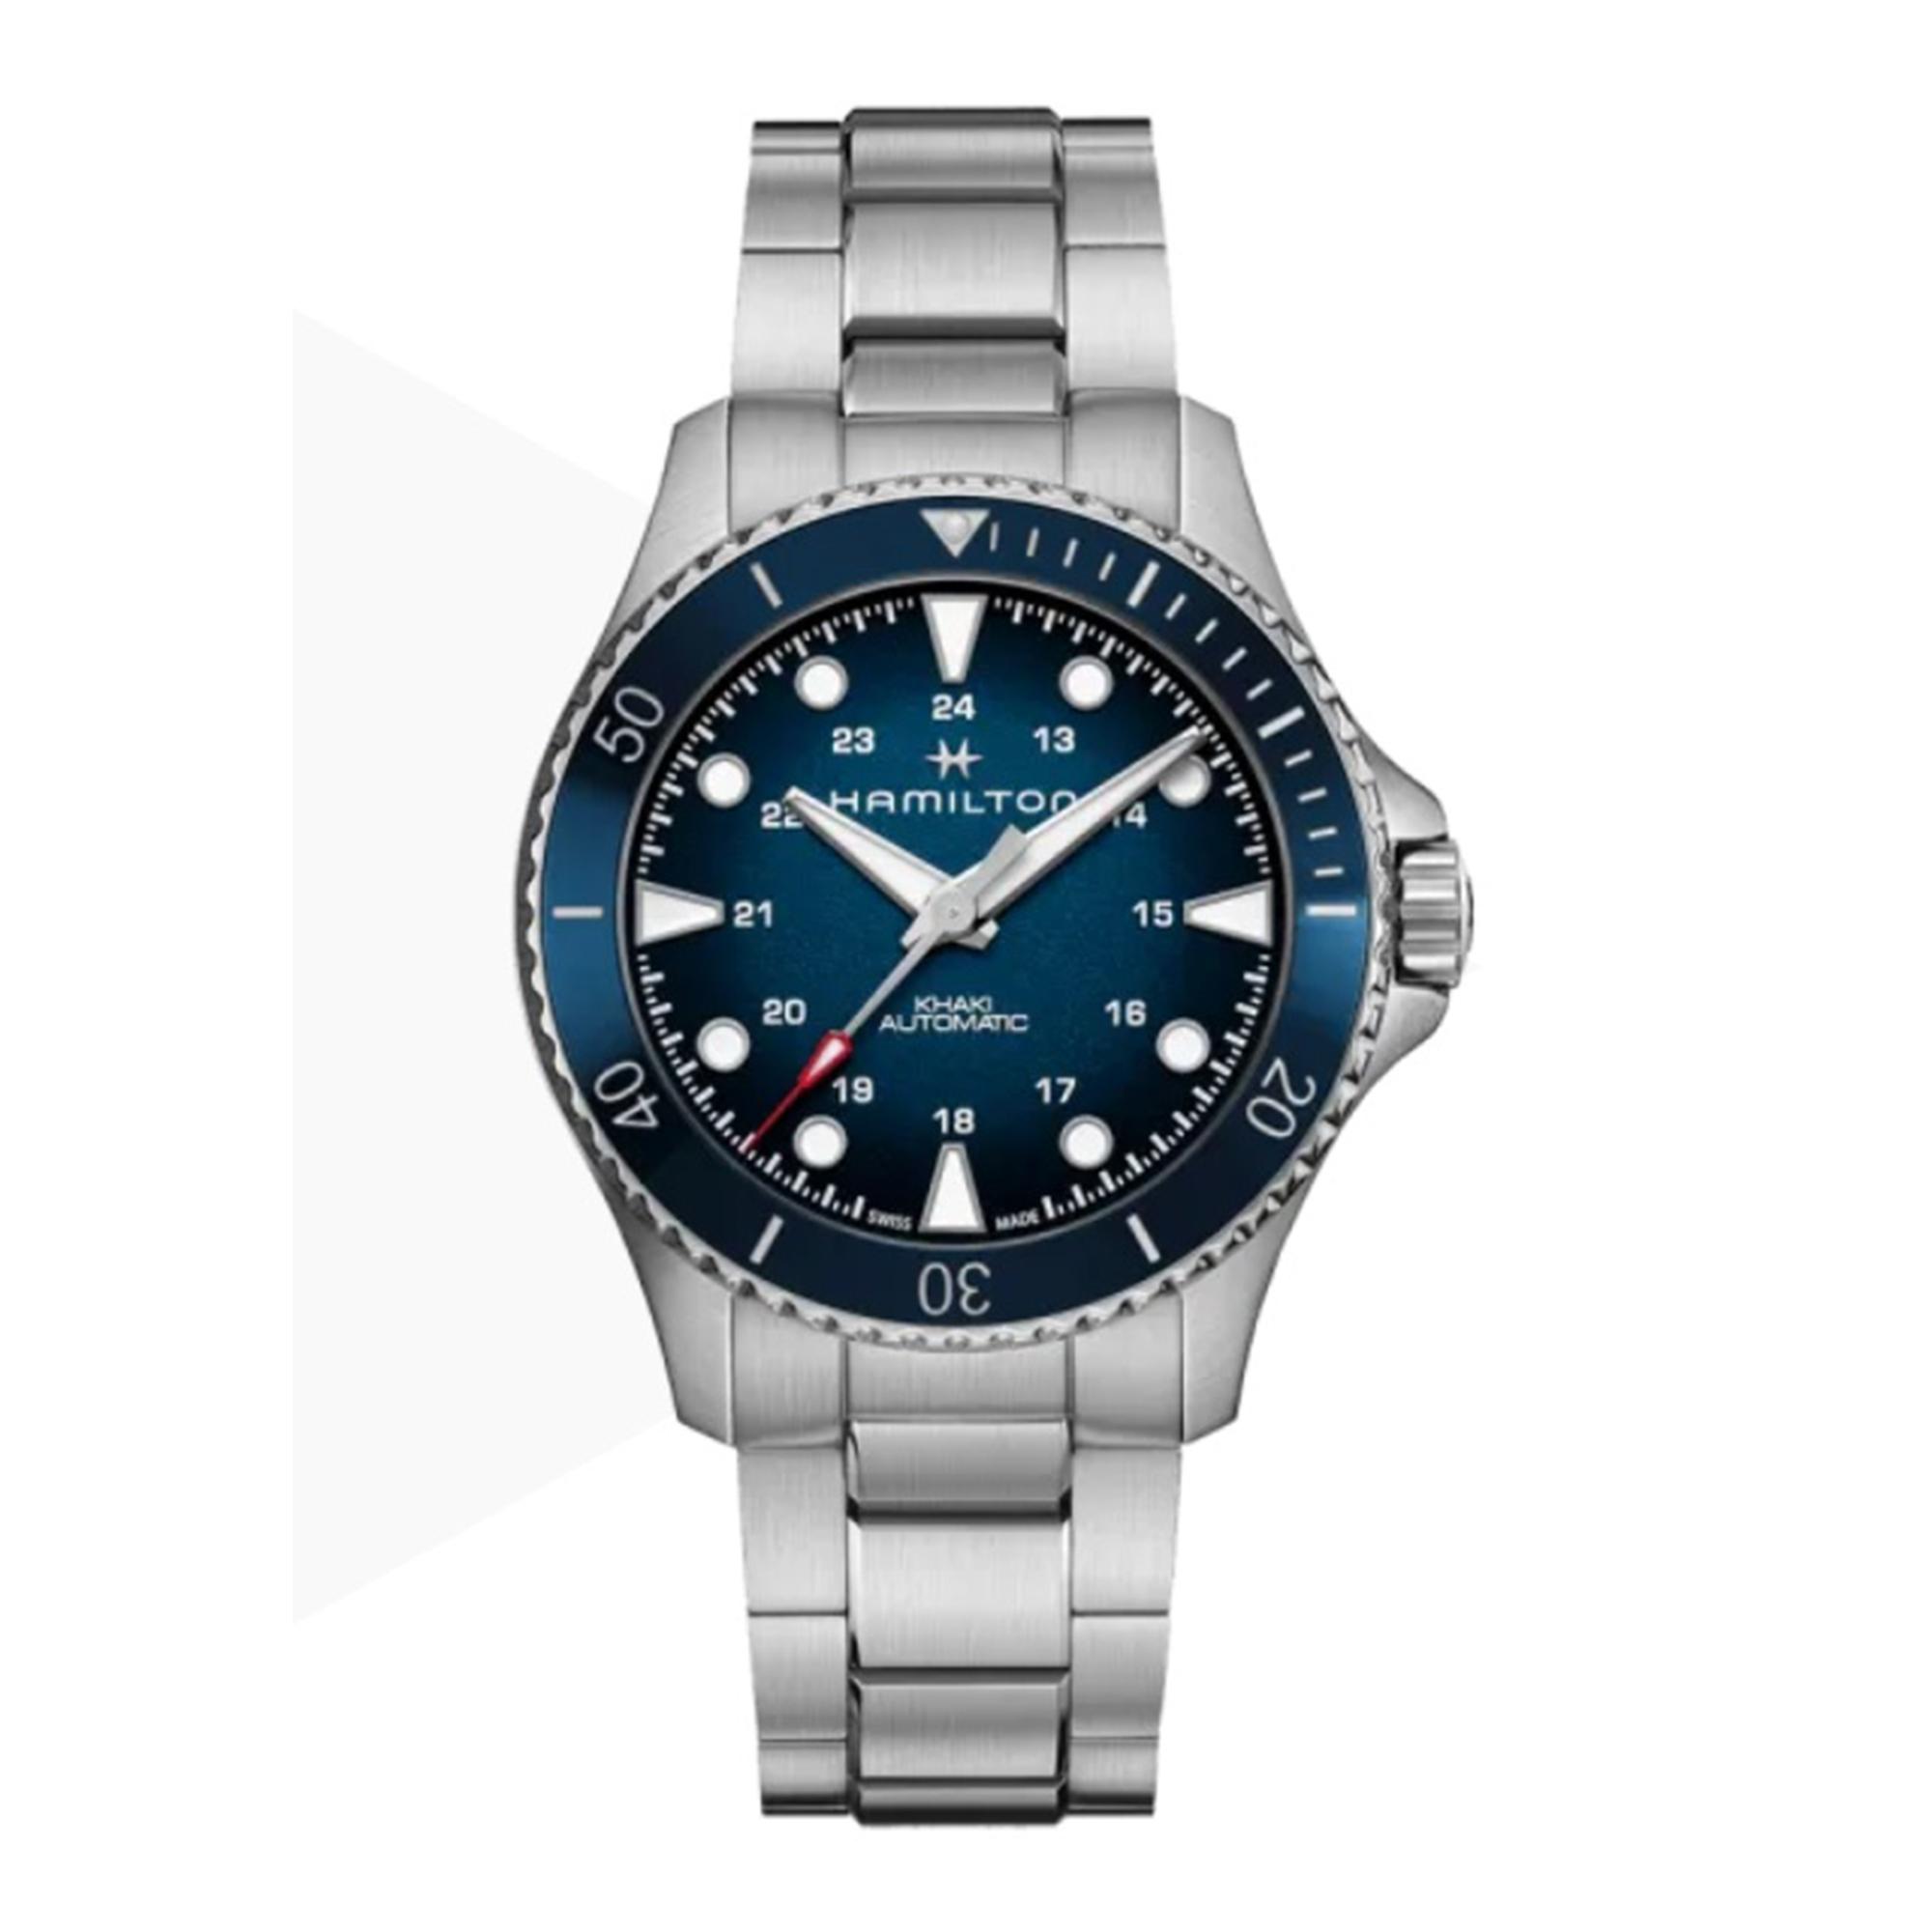 Hamilton Khaki Navy Scuba Automatic Blue Dial Stainless Steel Bracelet Men's Watch H82505140